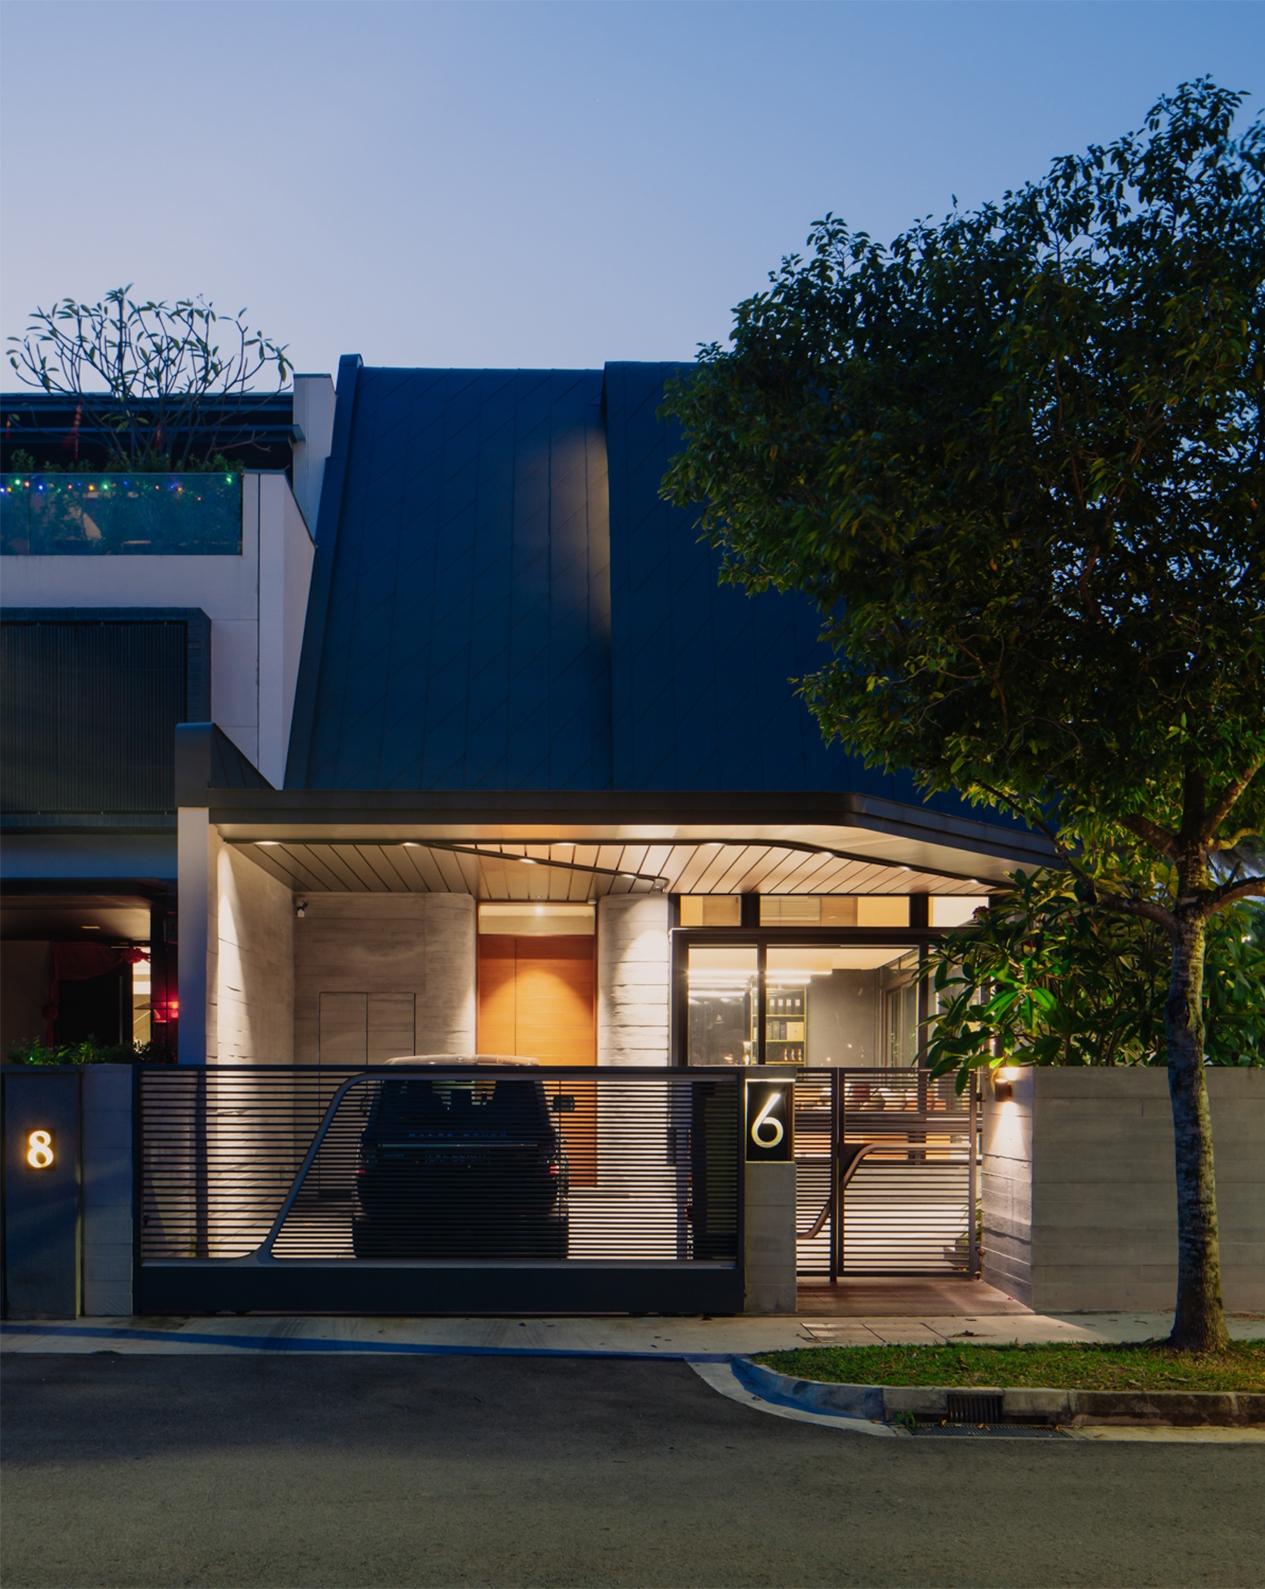 Strata House 10